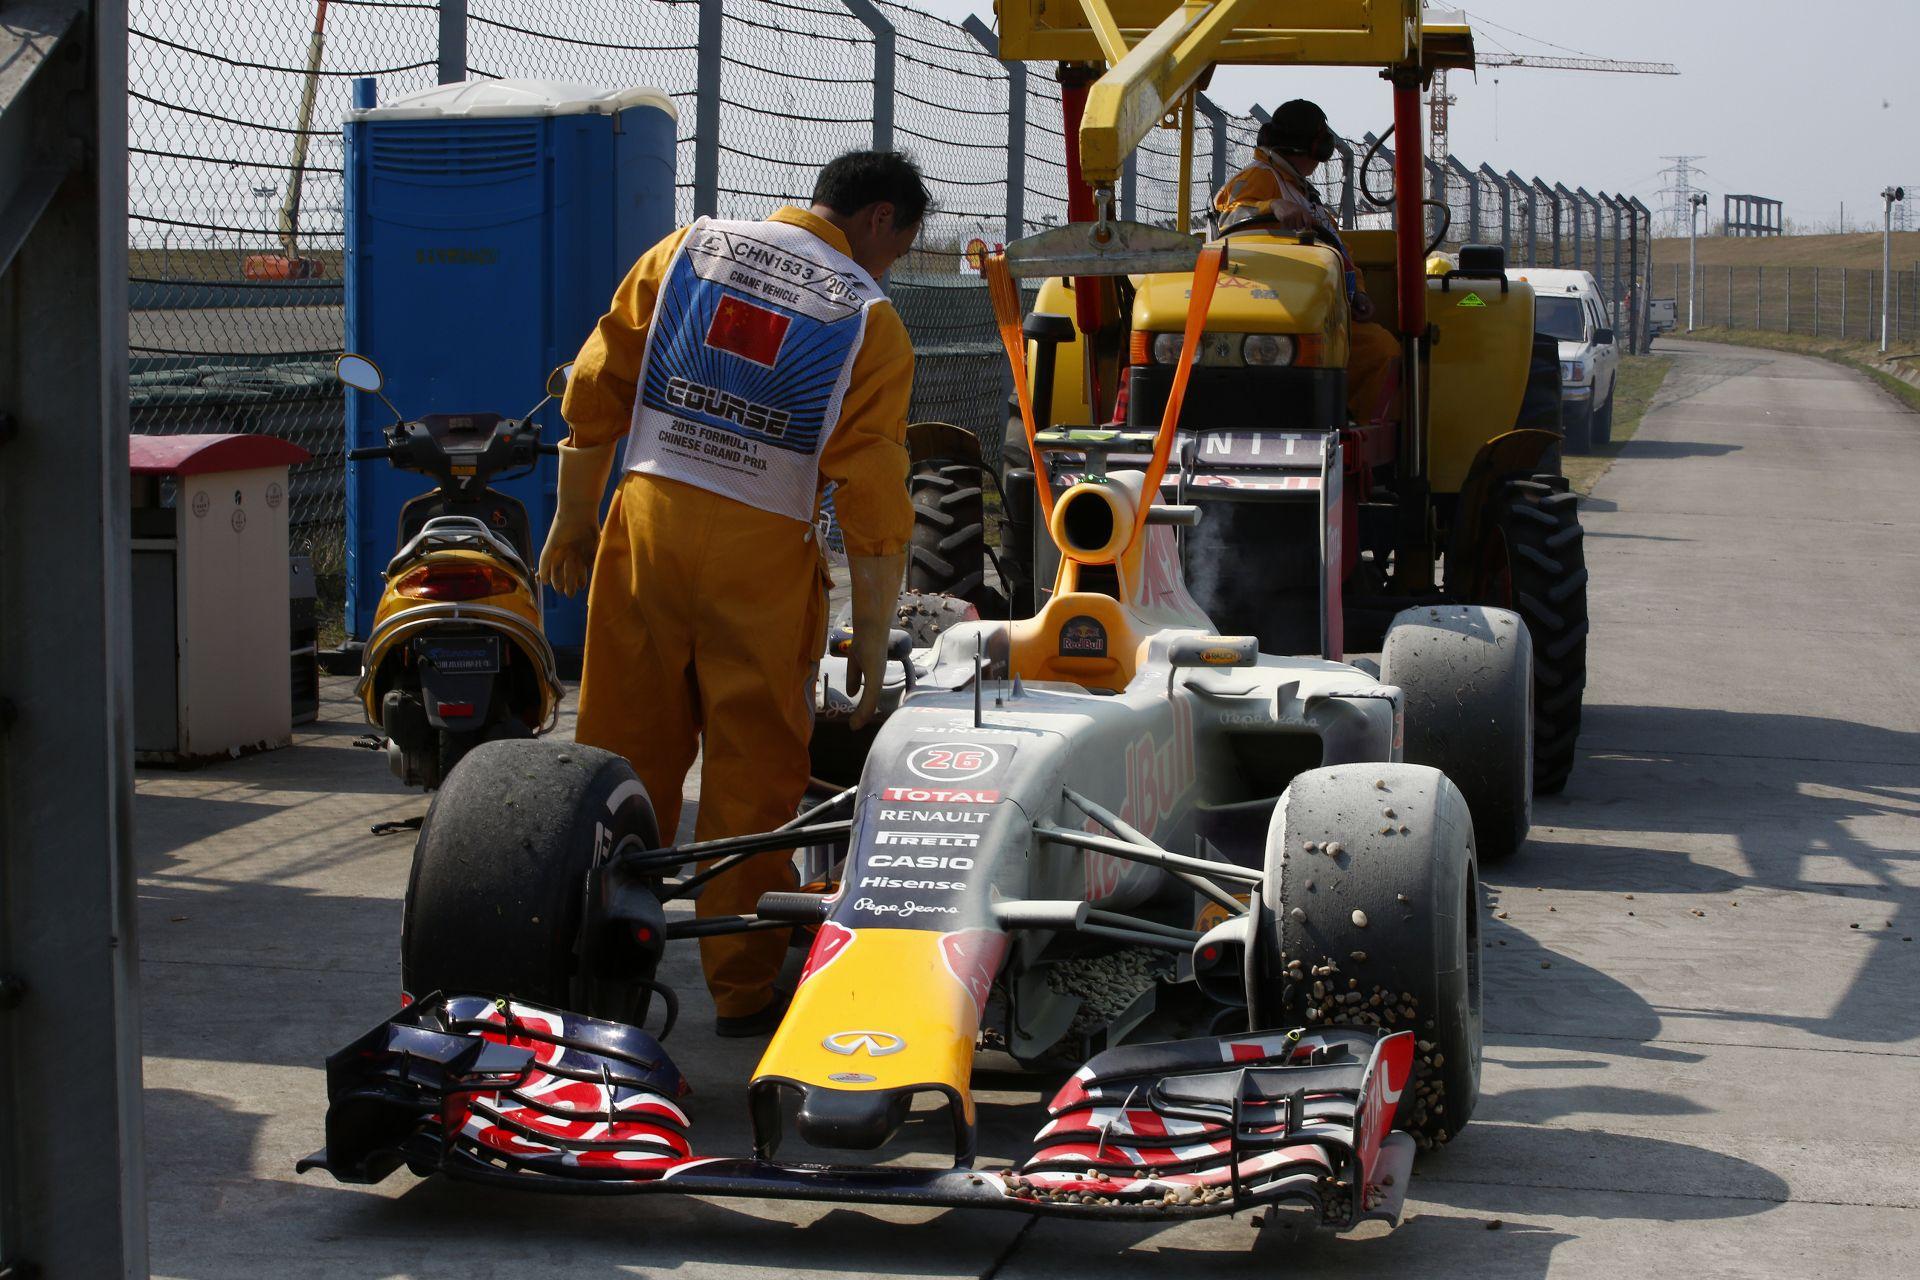 Christian Horner a Renault motorokról: Becsukjuk a szemünket, és reménykedünk. Mi mást tehetnénk?